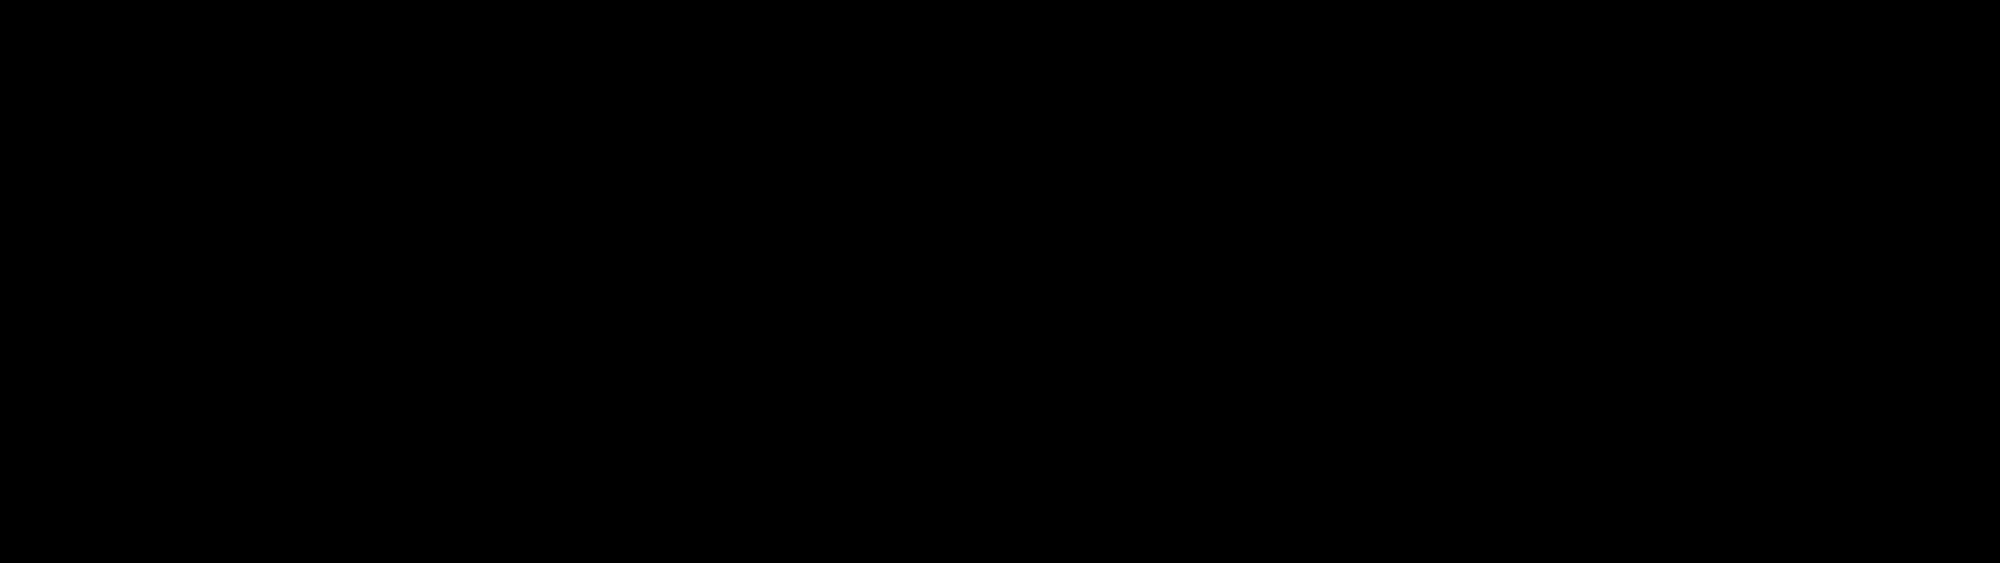 High Tide Seafood Restaurant-logo-black.png